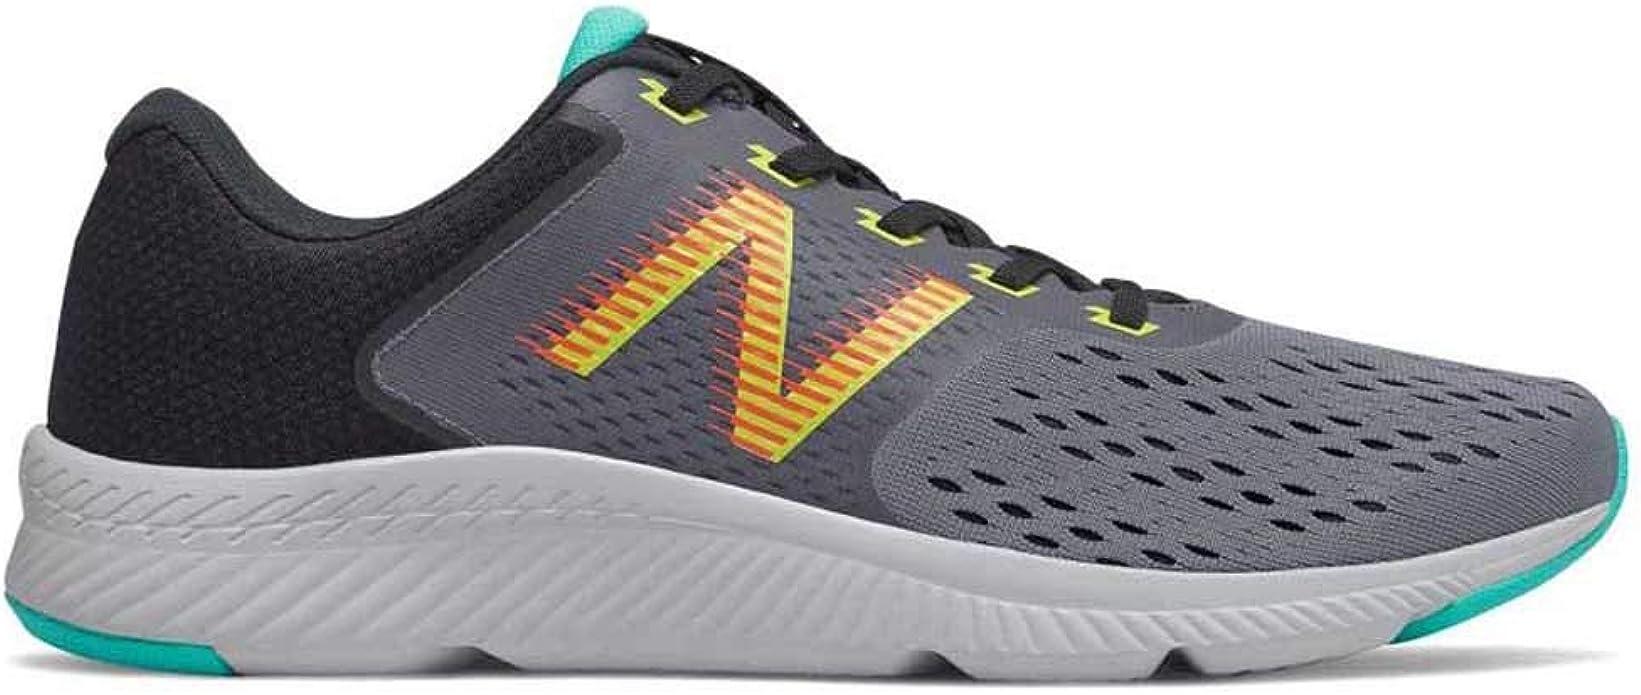 New Balance Draft, Scarpe per Jogging su Strada para Hombre: New Balance: Amazon.es: Zapatos y complementos